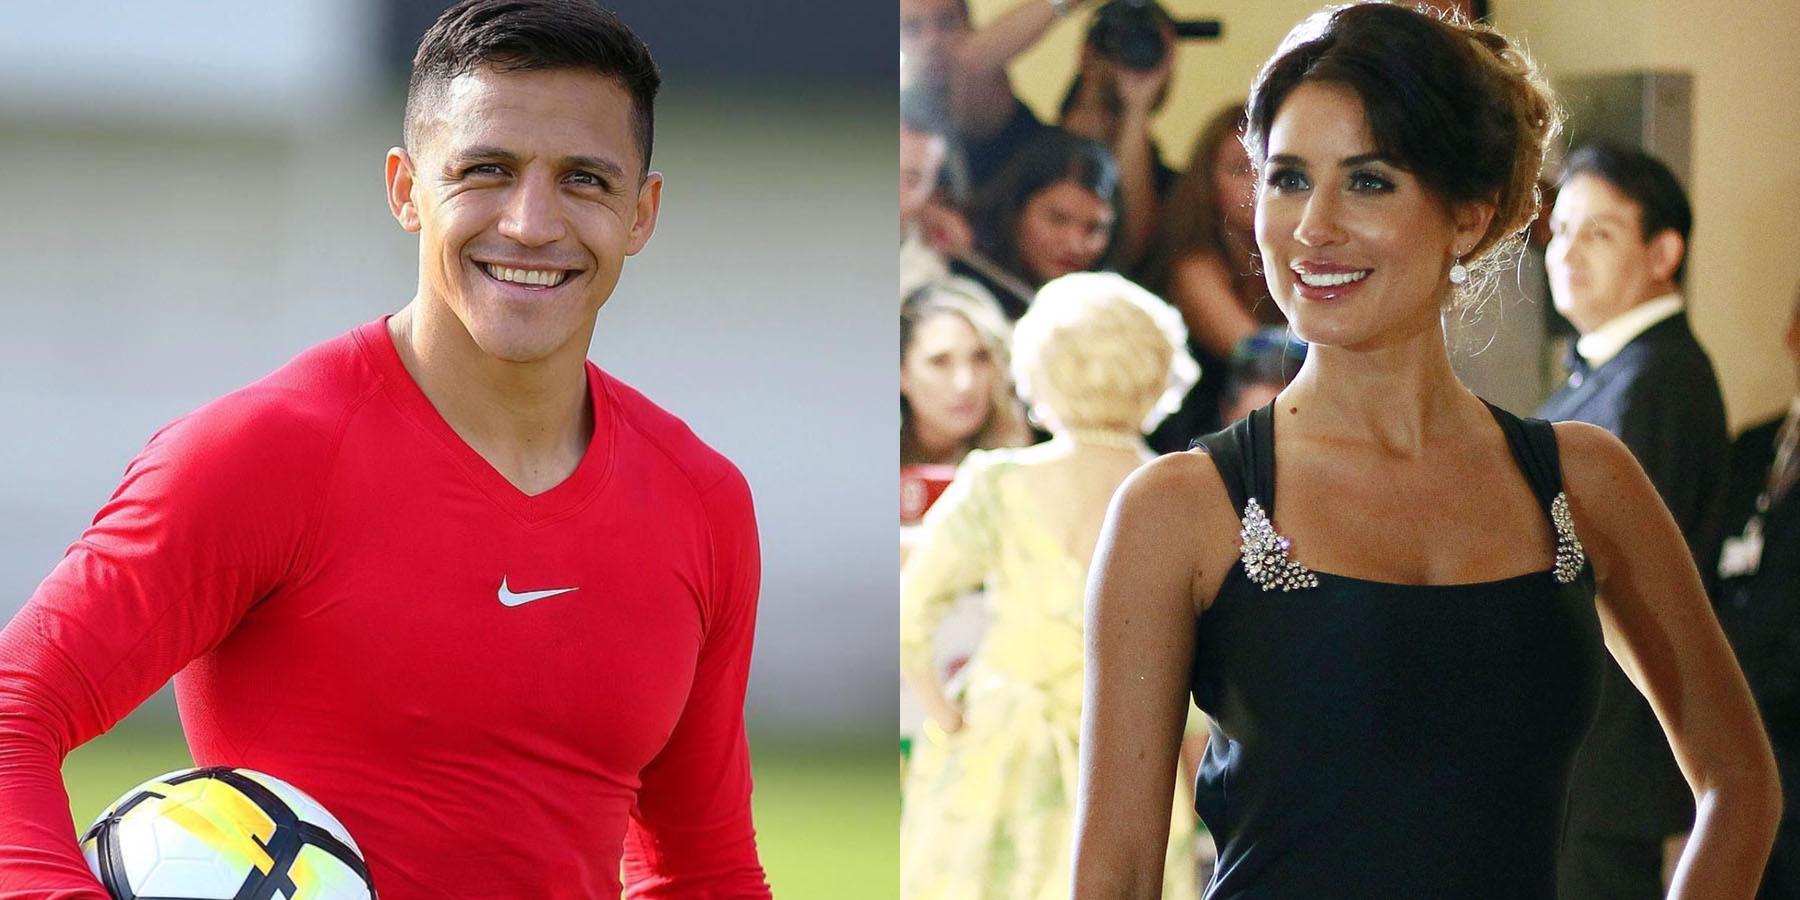 «Ahí estuve yo cuando Alexis Sánchez le mandó el mensaje a Fran Undurraga…»: en el espacio de farándula Que Te Lo Digo recordaron cómo el futbolista contactó a la modelo